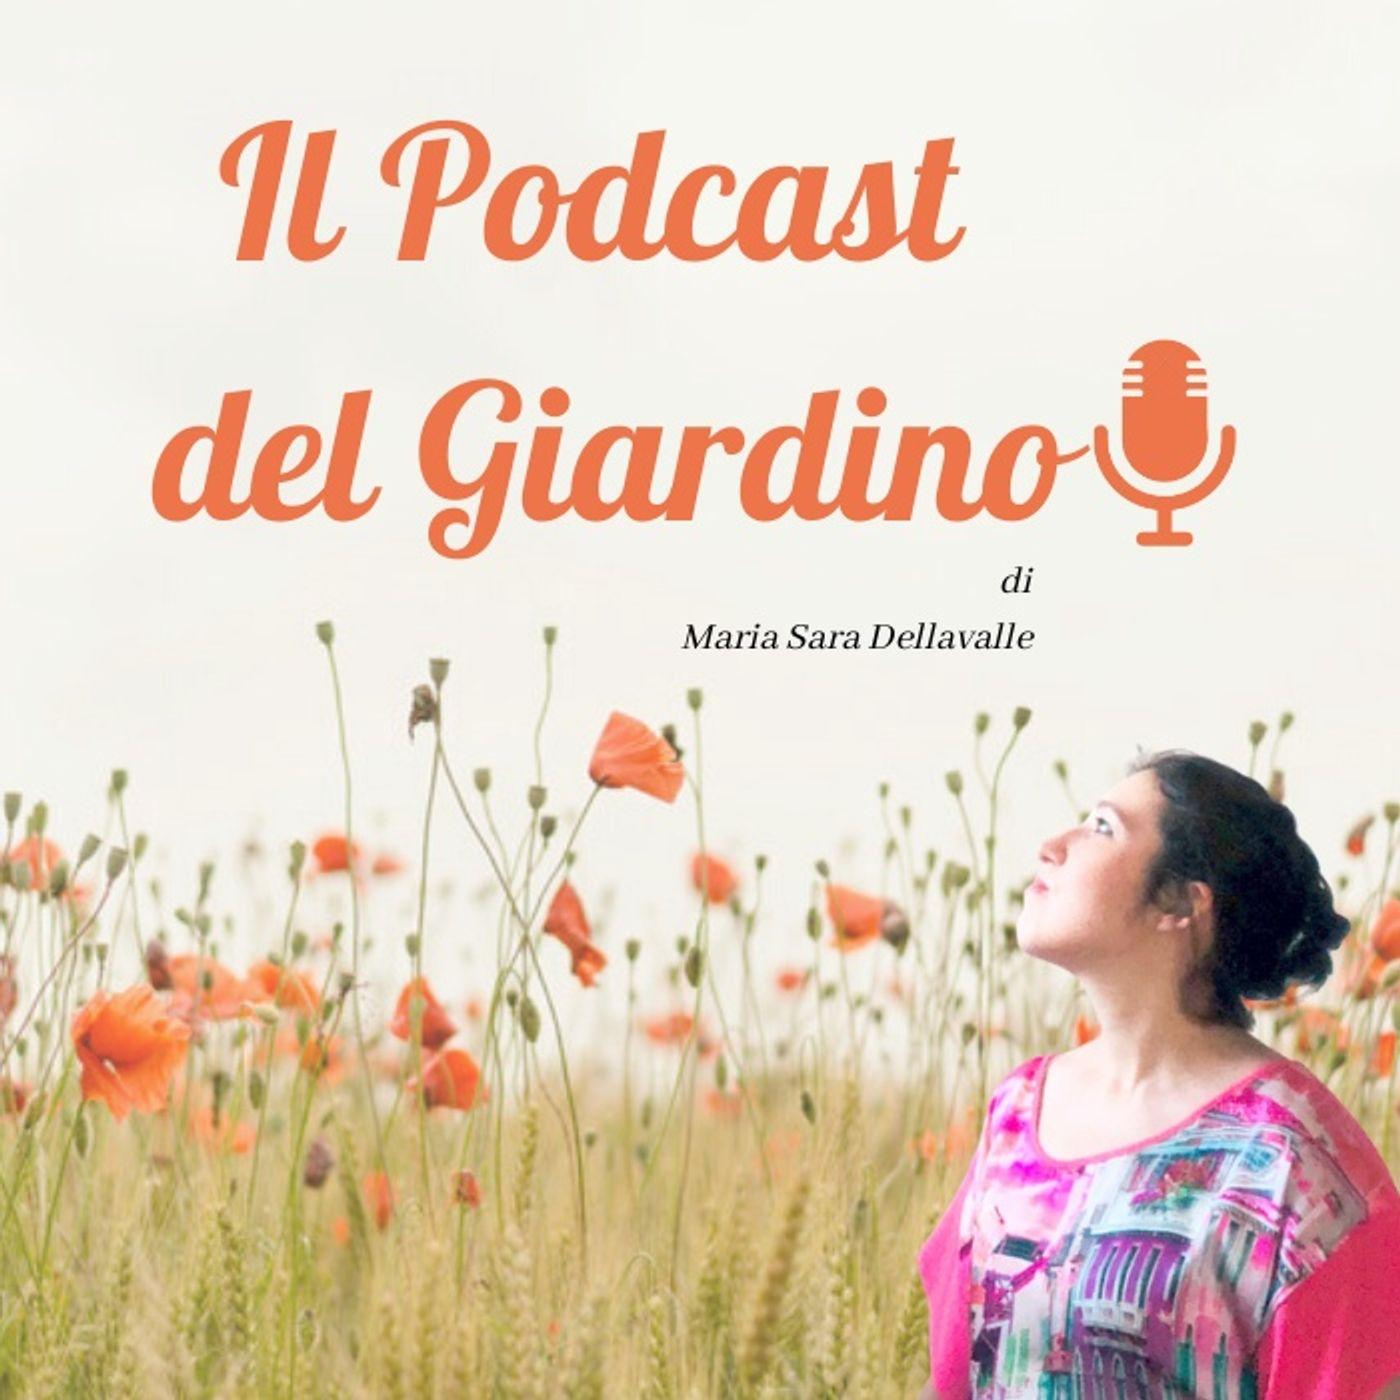 Il Podcast del Giardino